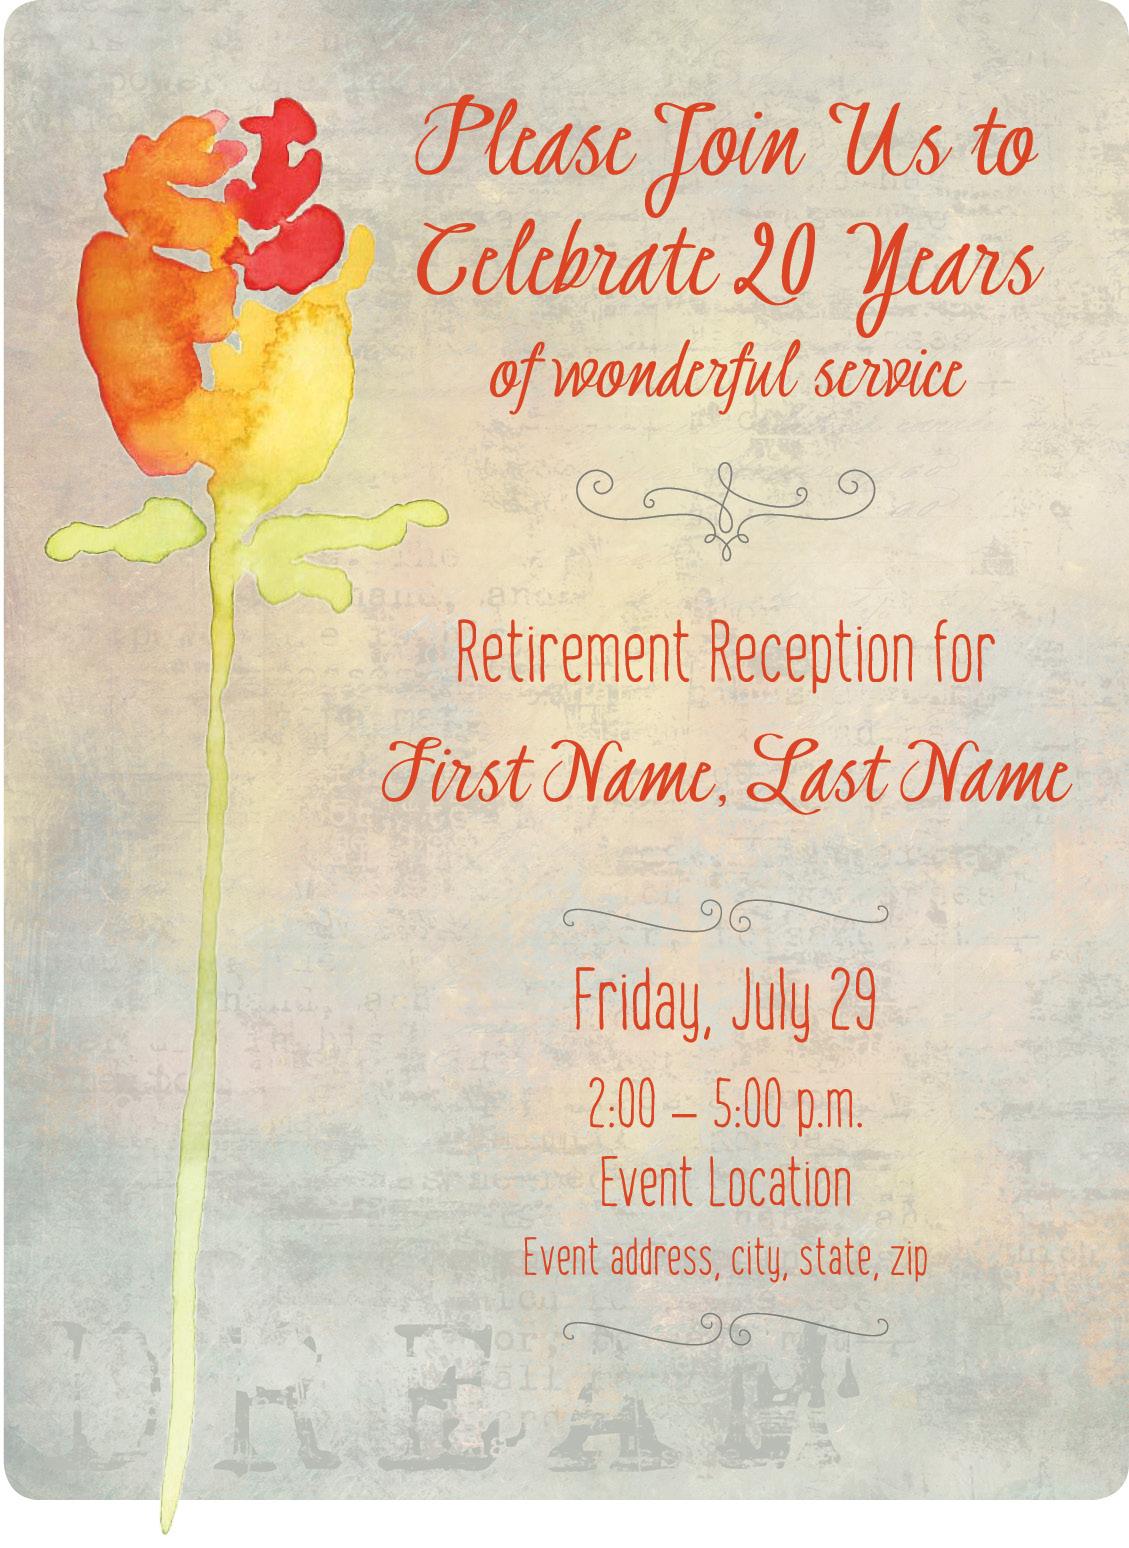 invitation for retirement reception